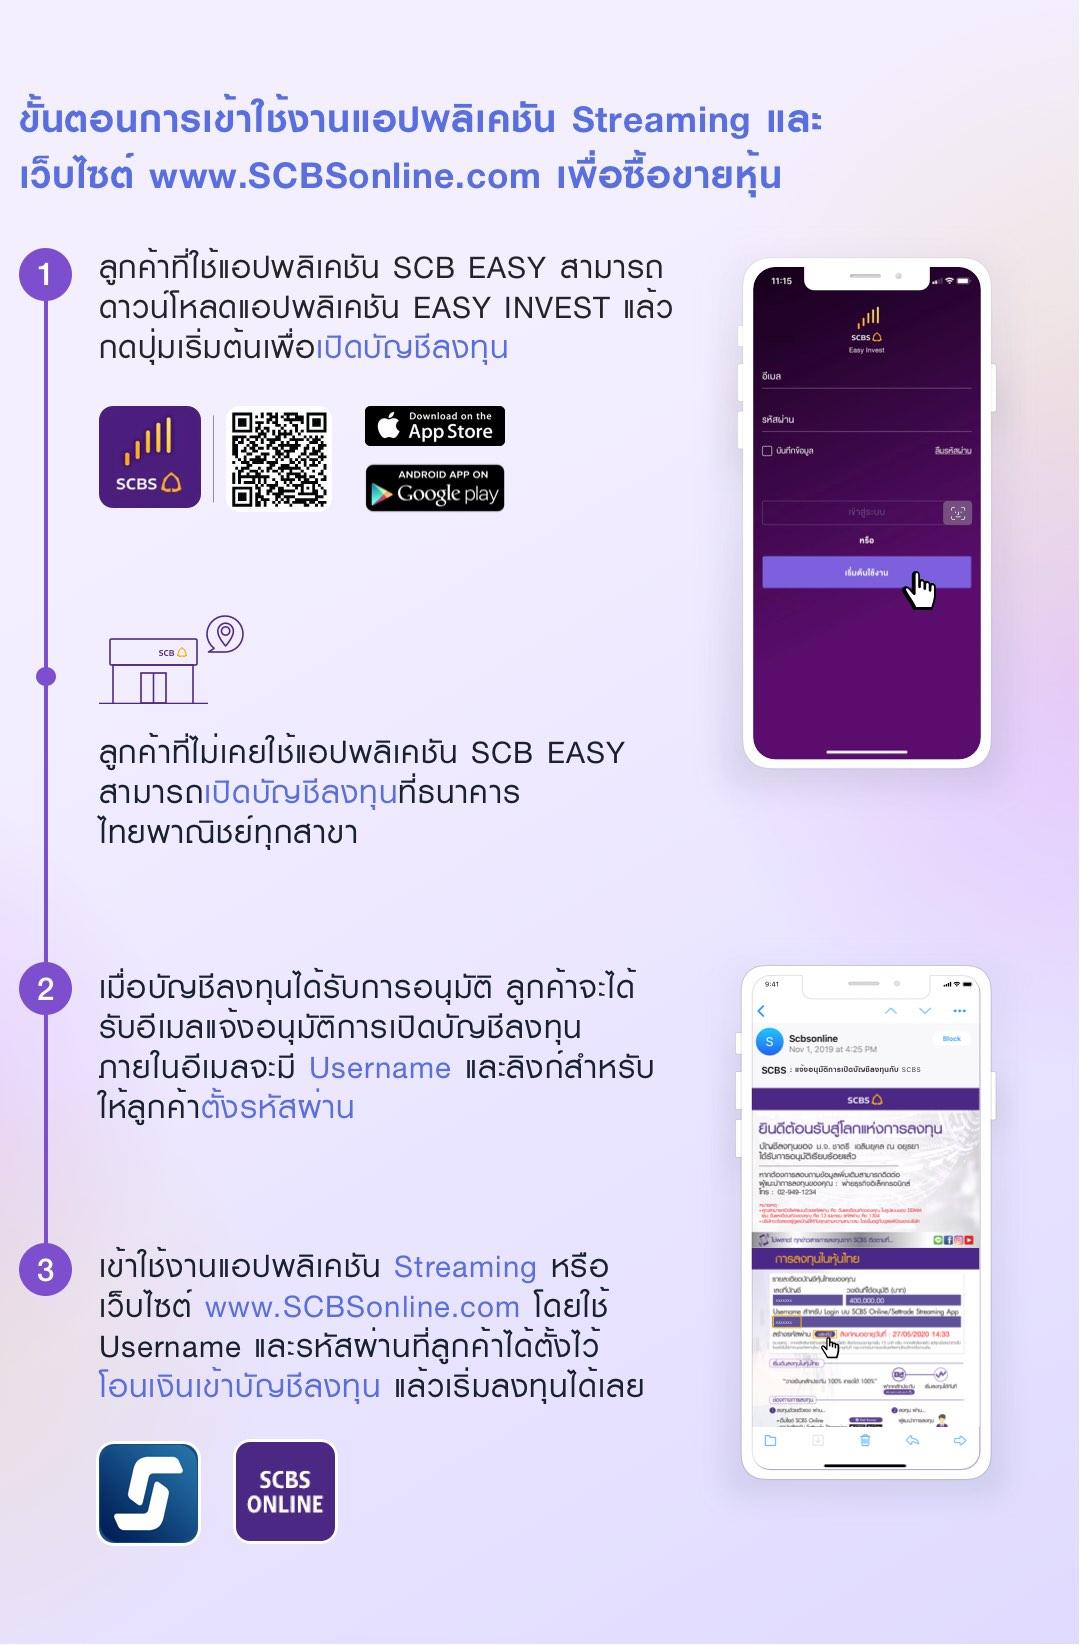 ขั้นตอนการเข้าใช้งานแอปพลิเคชัน Streaming และเว็บไซต์ www.SCBSonline.com เพื่อซื้อขายหุ้น ดาวน์โหลดแอปพลิเคชัน EASY INVEST แล้วกดปุ่มเริ่มต้น เพื่อเปิดบัญชีลงทุน เข้าใช้งานแอป โดยใช้ Username และรหัสผ่านที่ลูกค้าได้ตั้งไว้ในอีเมลแจ้งอนุมัติการเปิดบัญชีลงทุน แล้วเริ่มลงทุนได้เลย